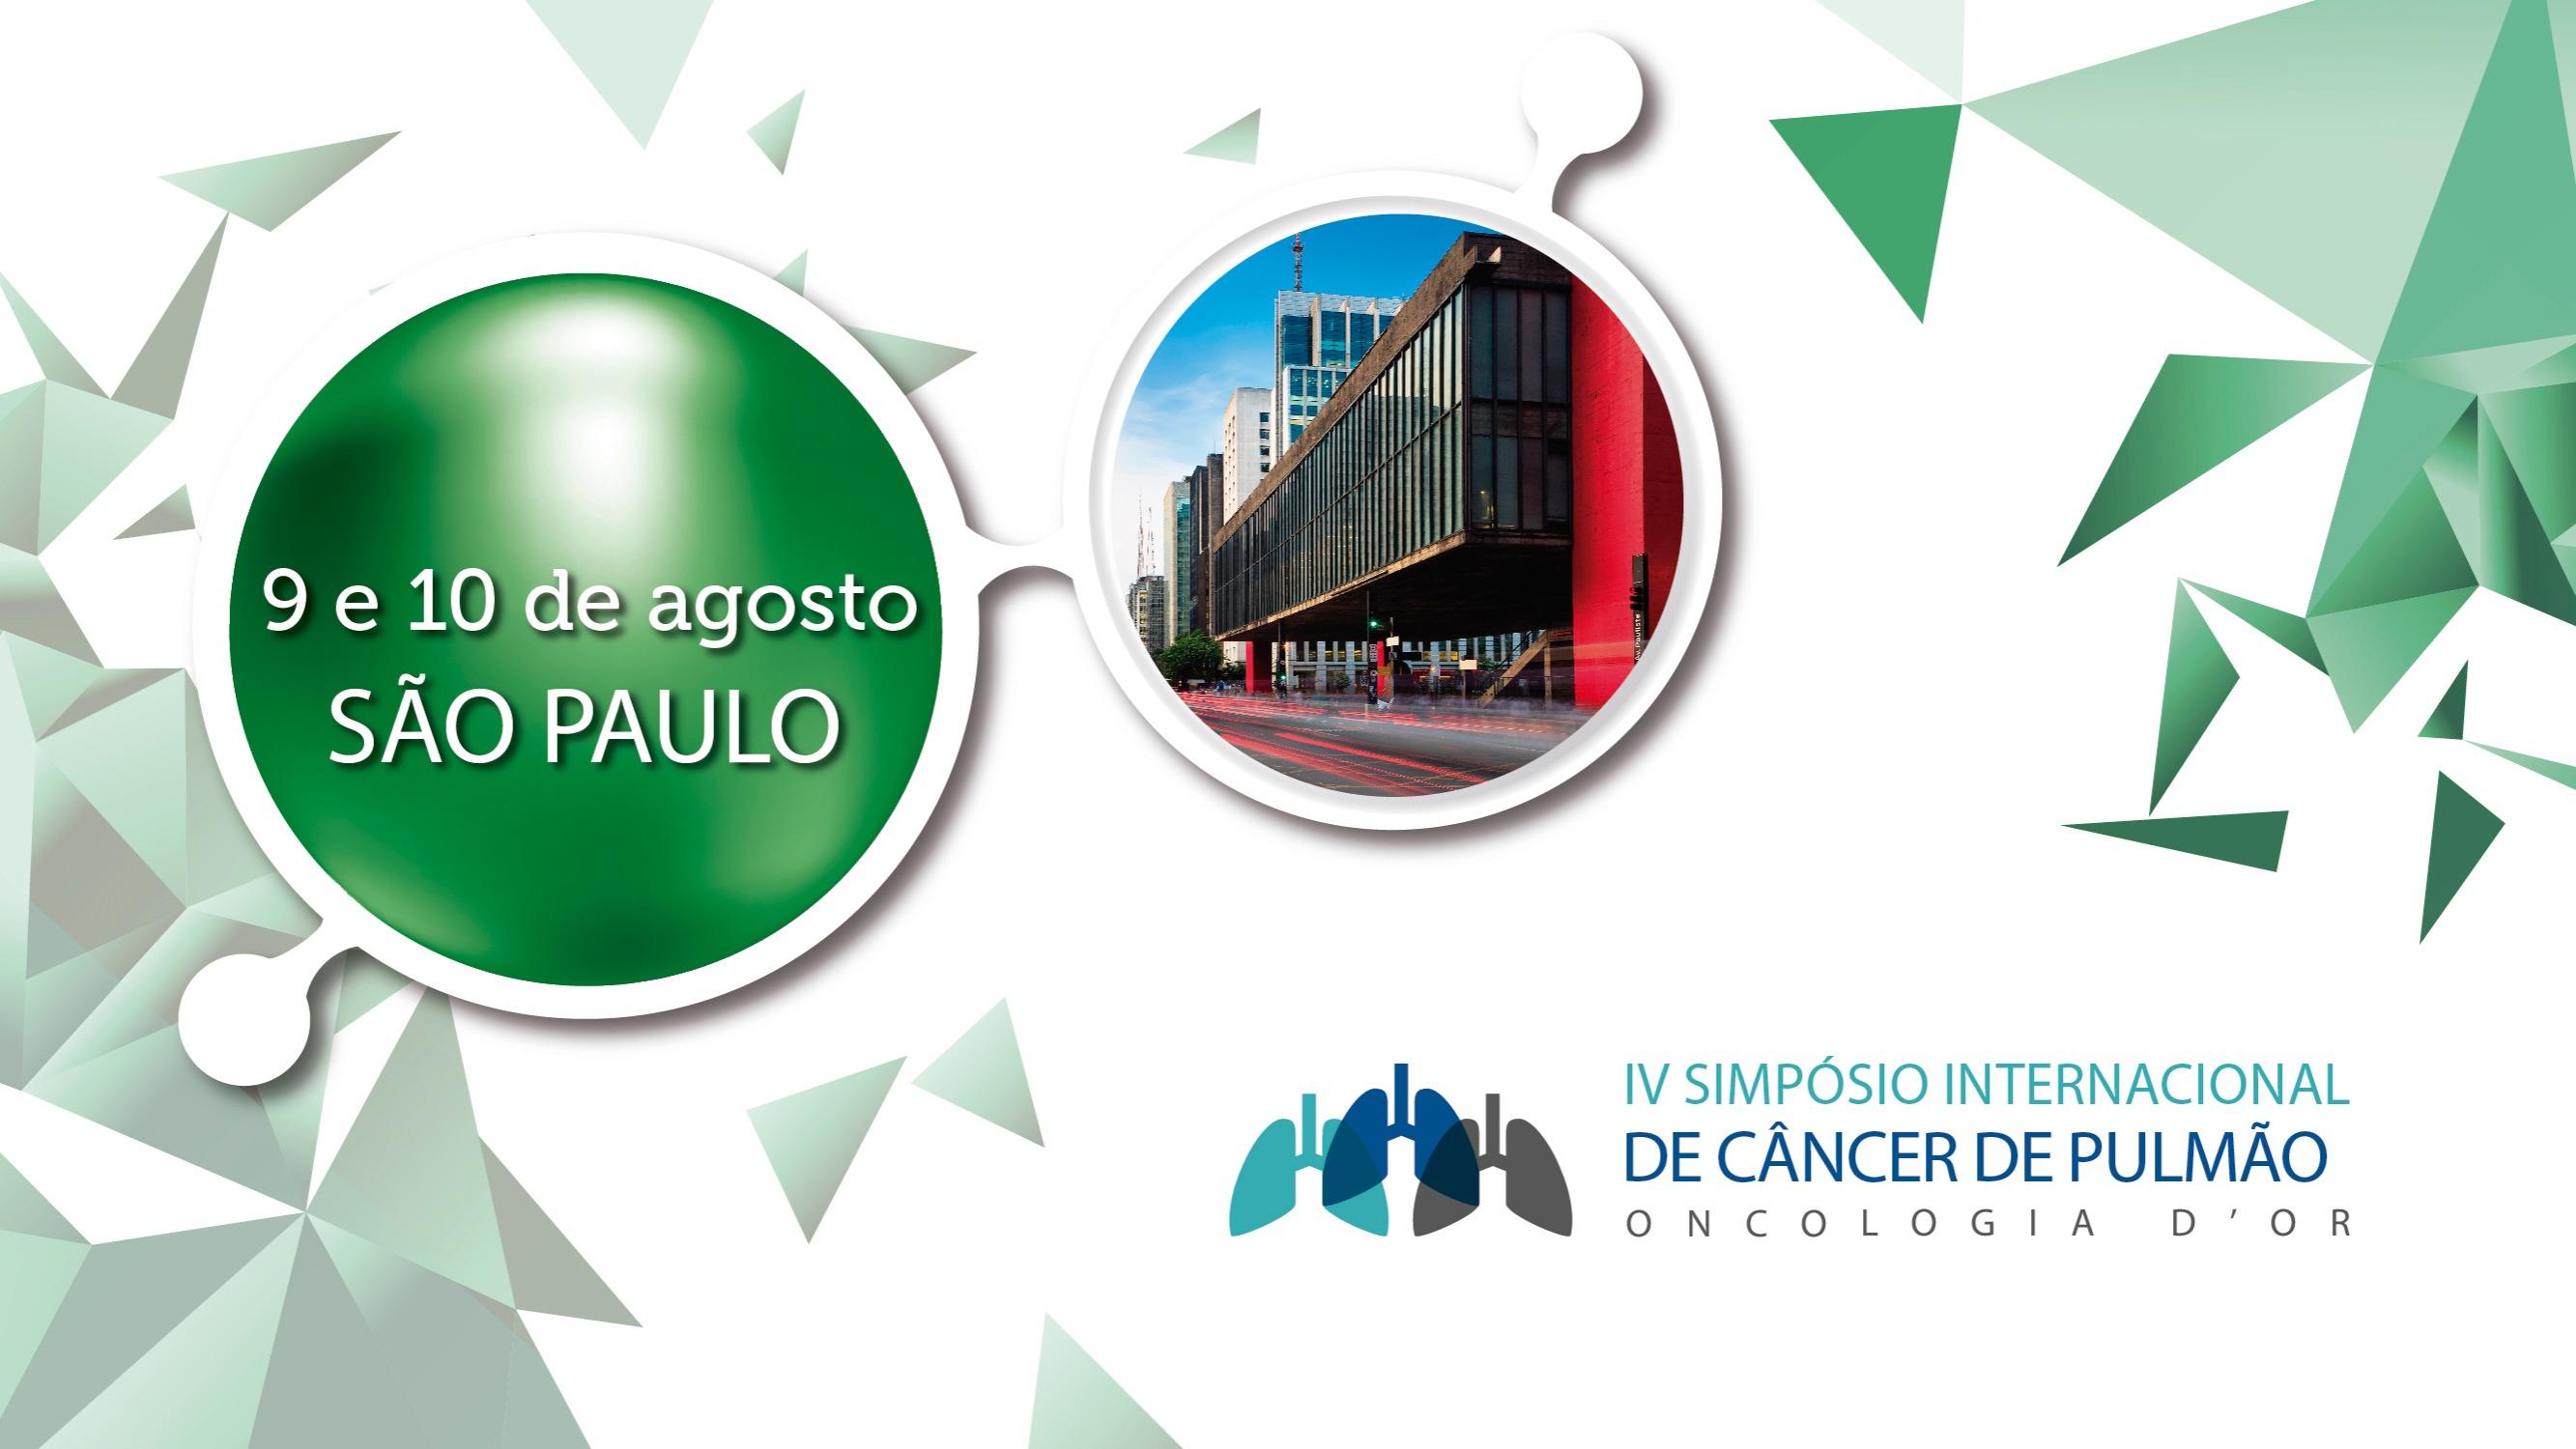 IV Simpósio Internacional de câncer de pulmão Oncologia D'Or